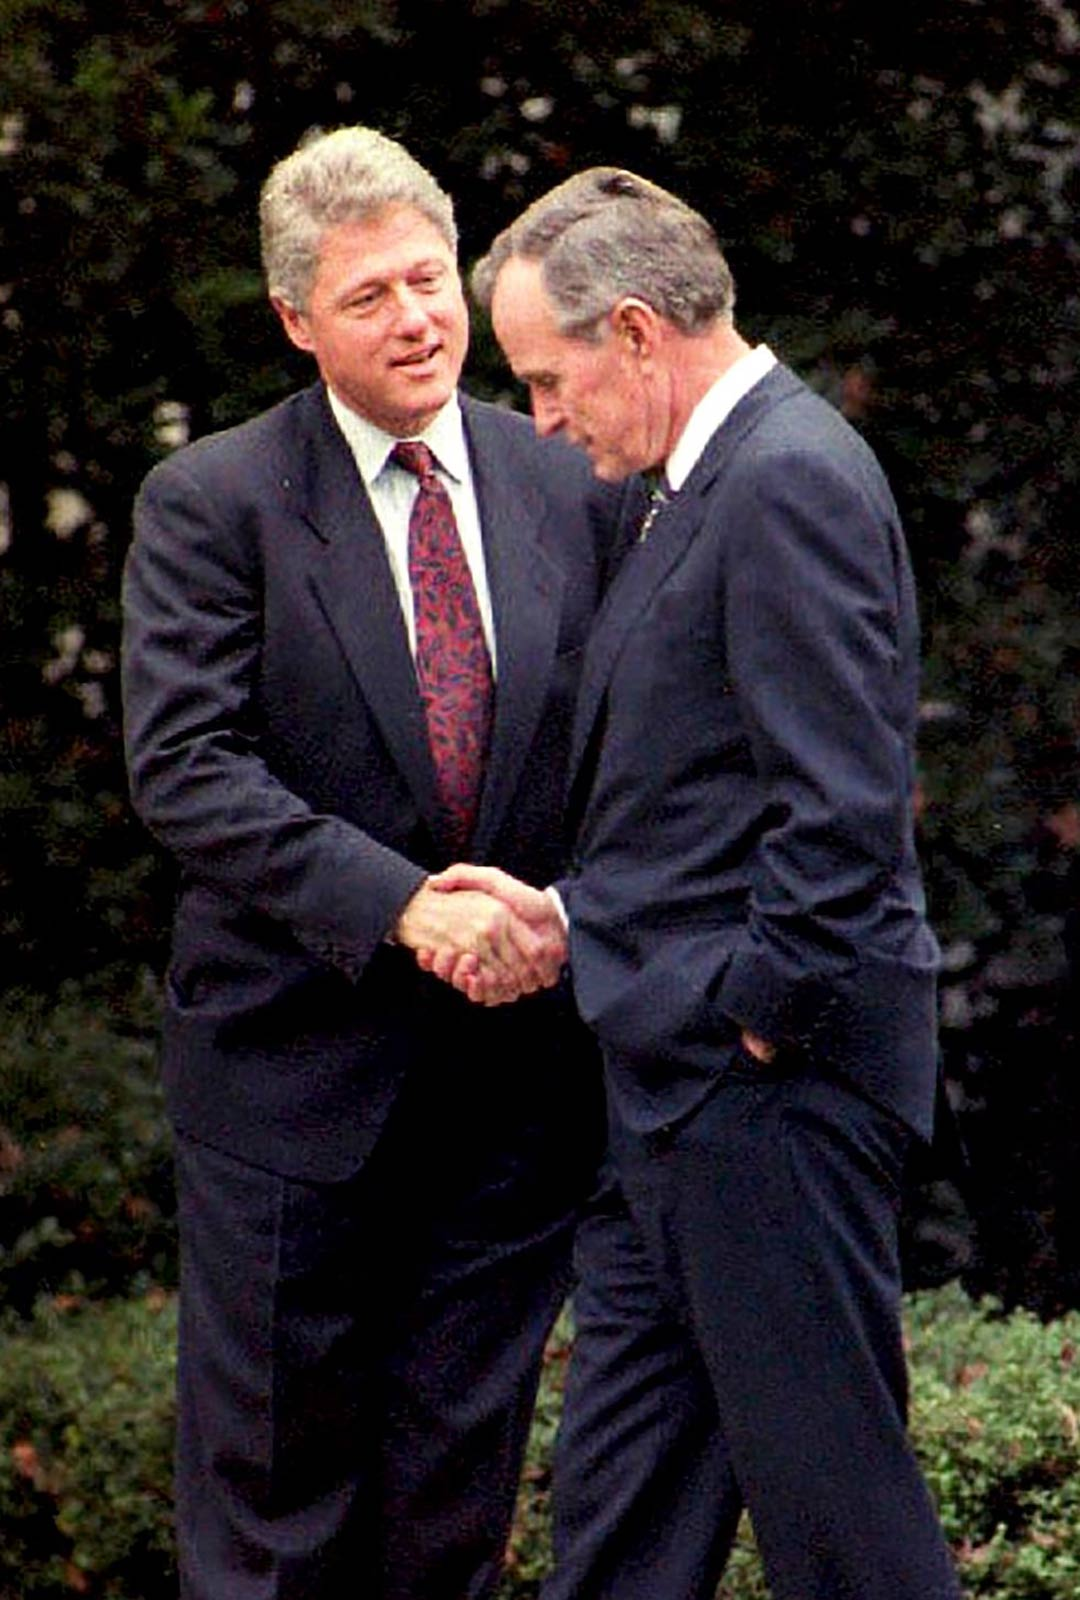 George Bush vanhempi auttoi romahduttamaan Neuvostoliiton ja päätti kylmän sodan, mutta sekään ei auttanut. Bill Clinton nousi takavasemmalta vaalivoittoon.